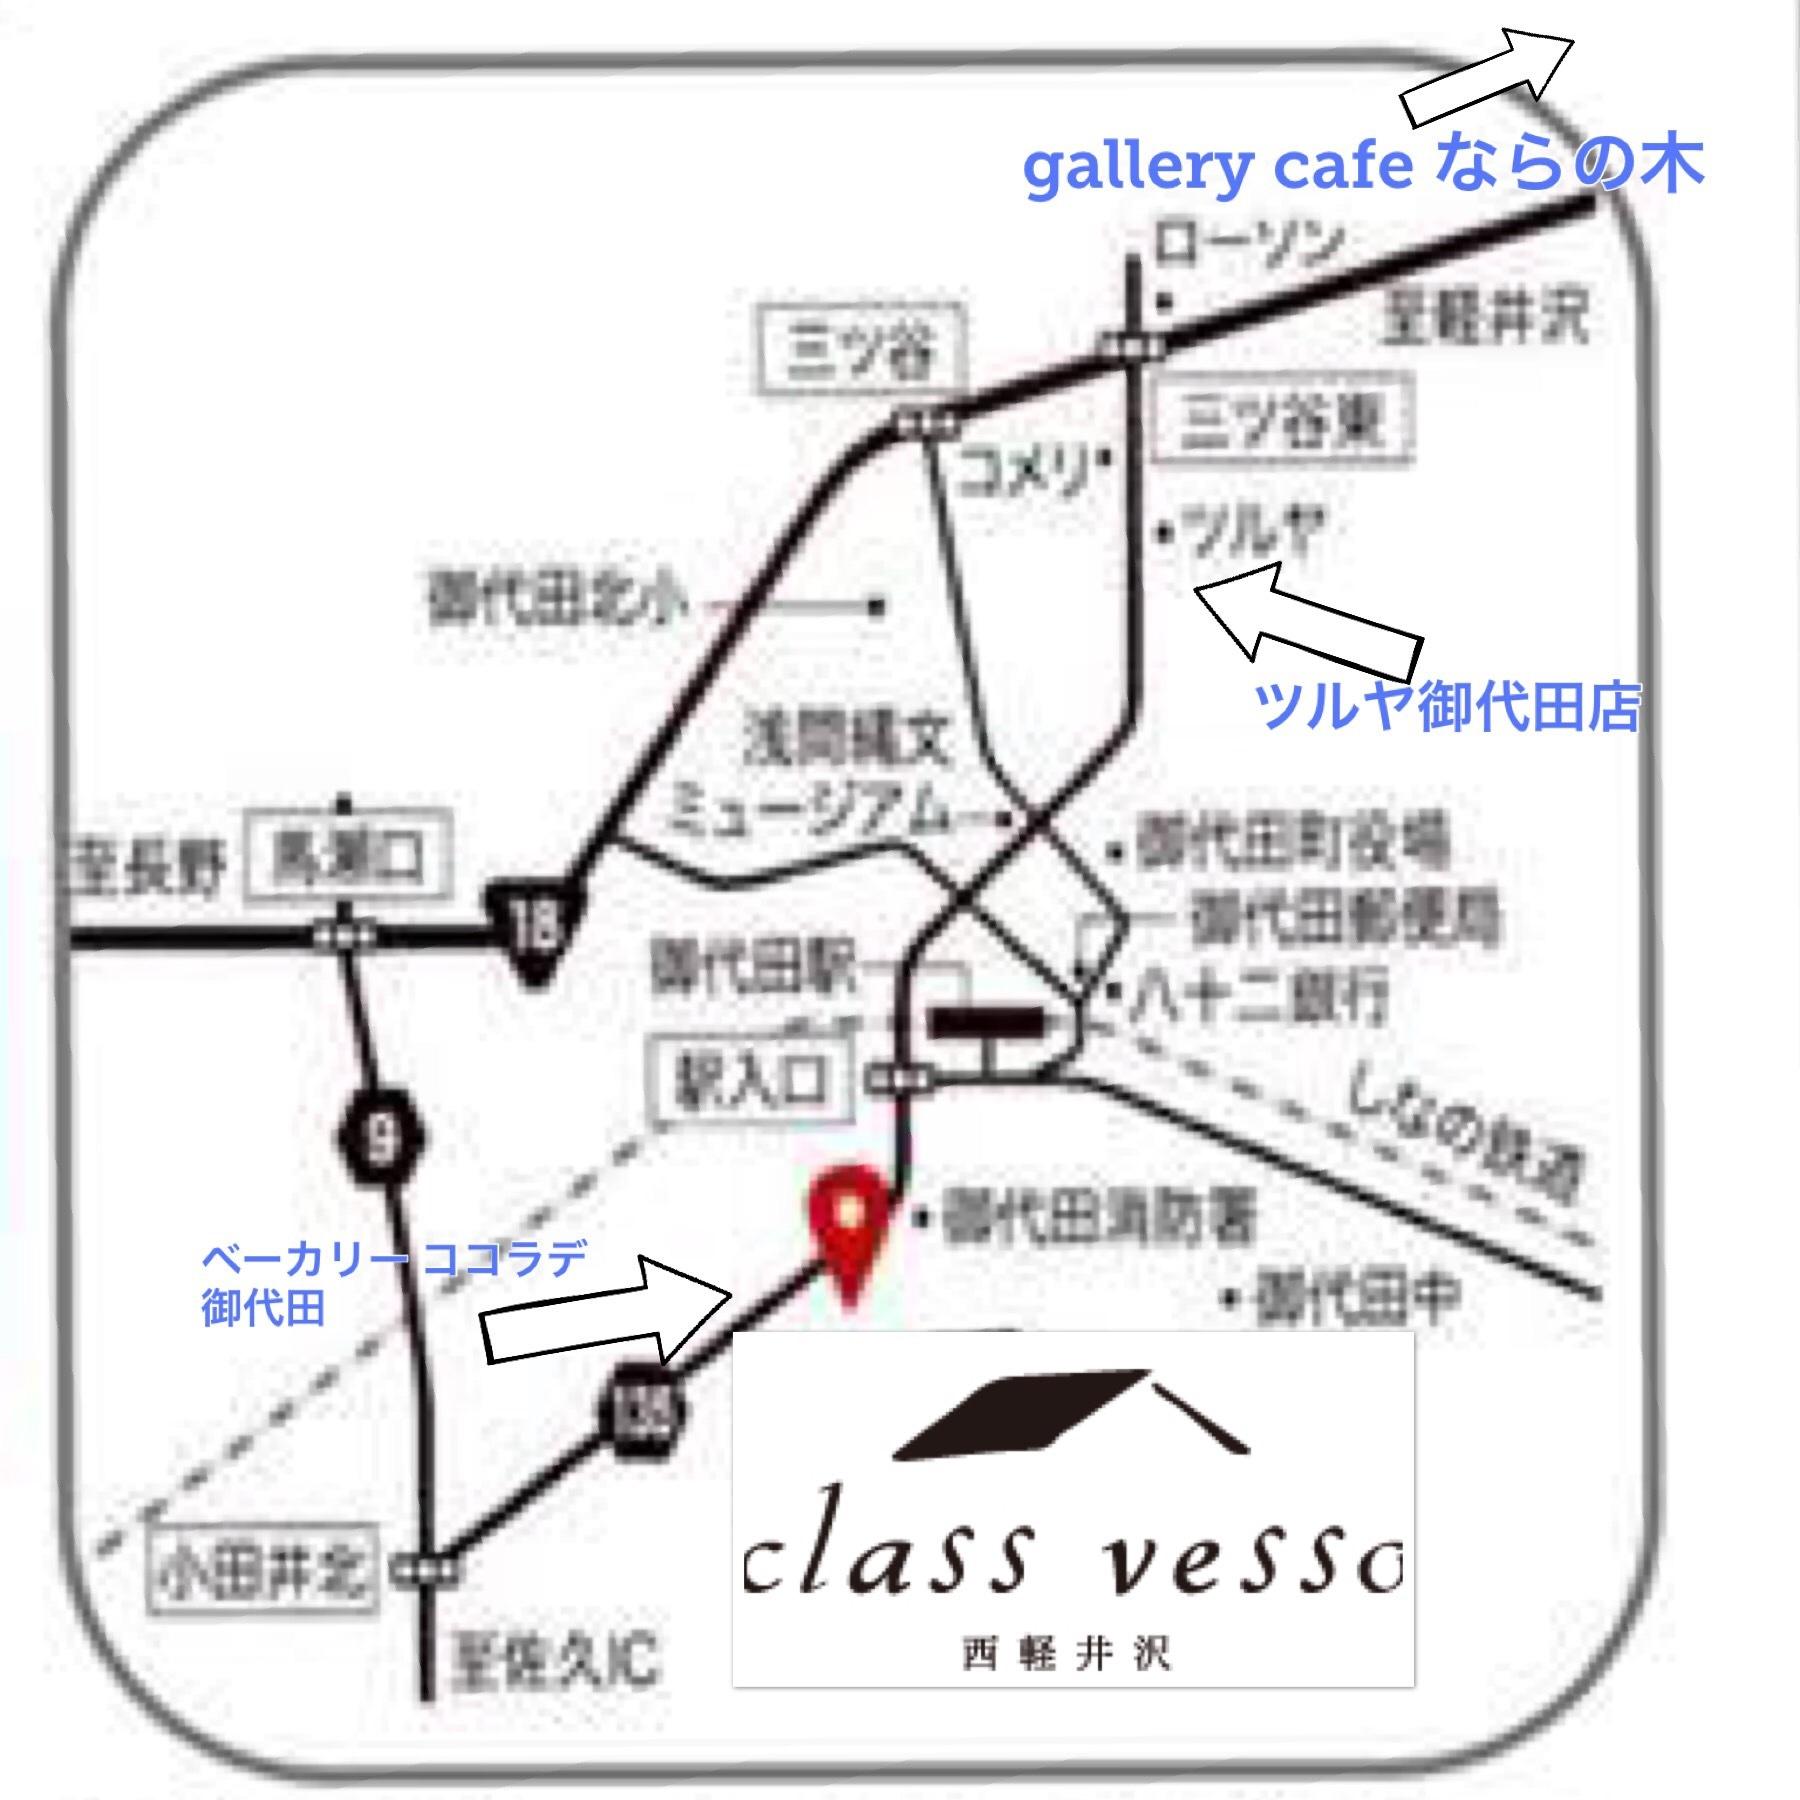 2018夏軽井沢 旅行アウトランダーPHEV行程クラスベッソ西軽井沢